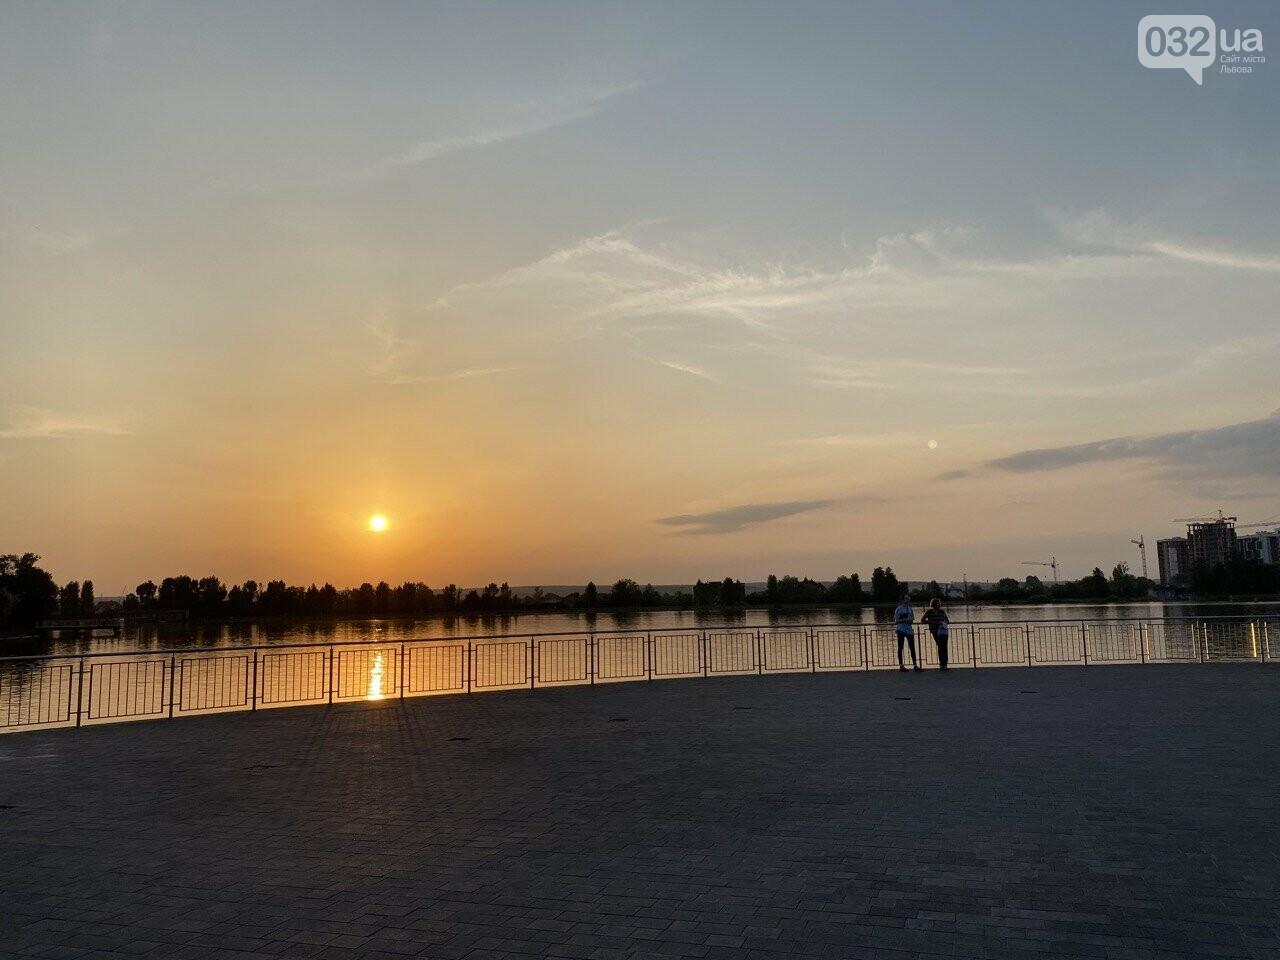 Міське озеро, Фото: 032.ua